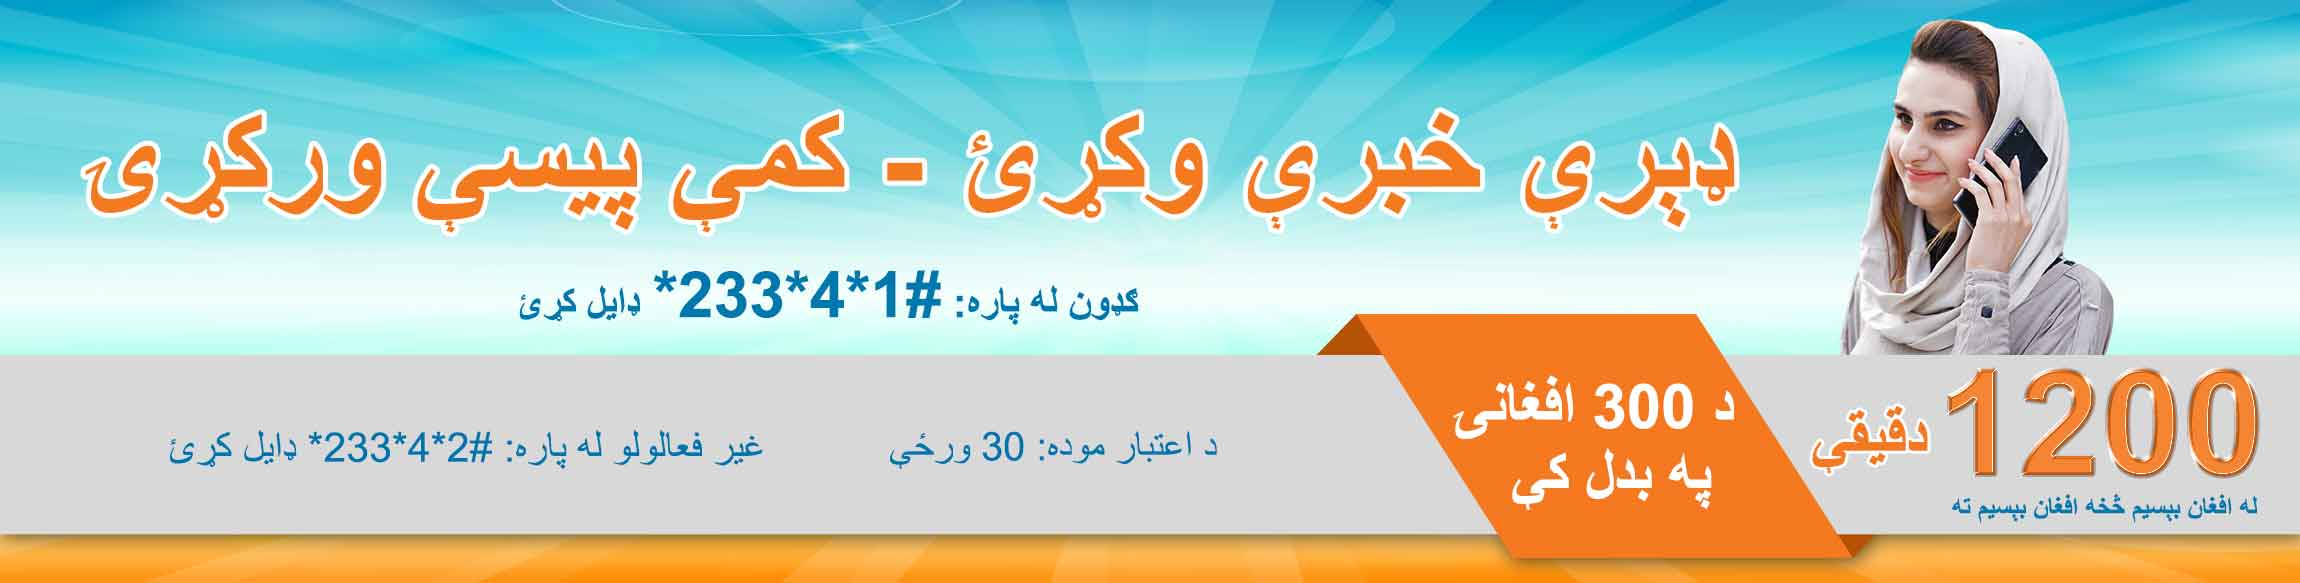 mpm300-pashto-website